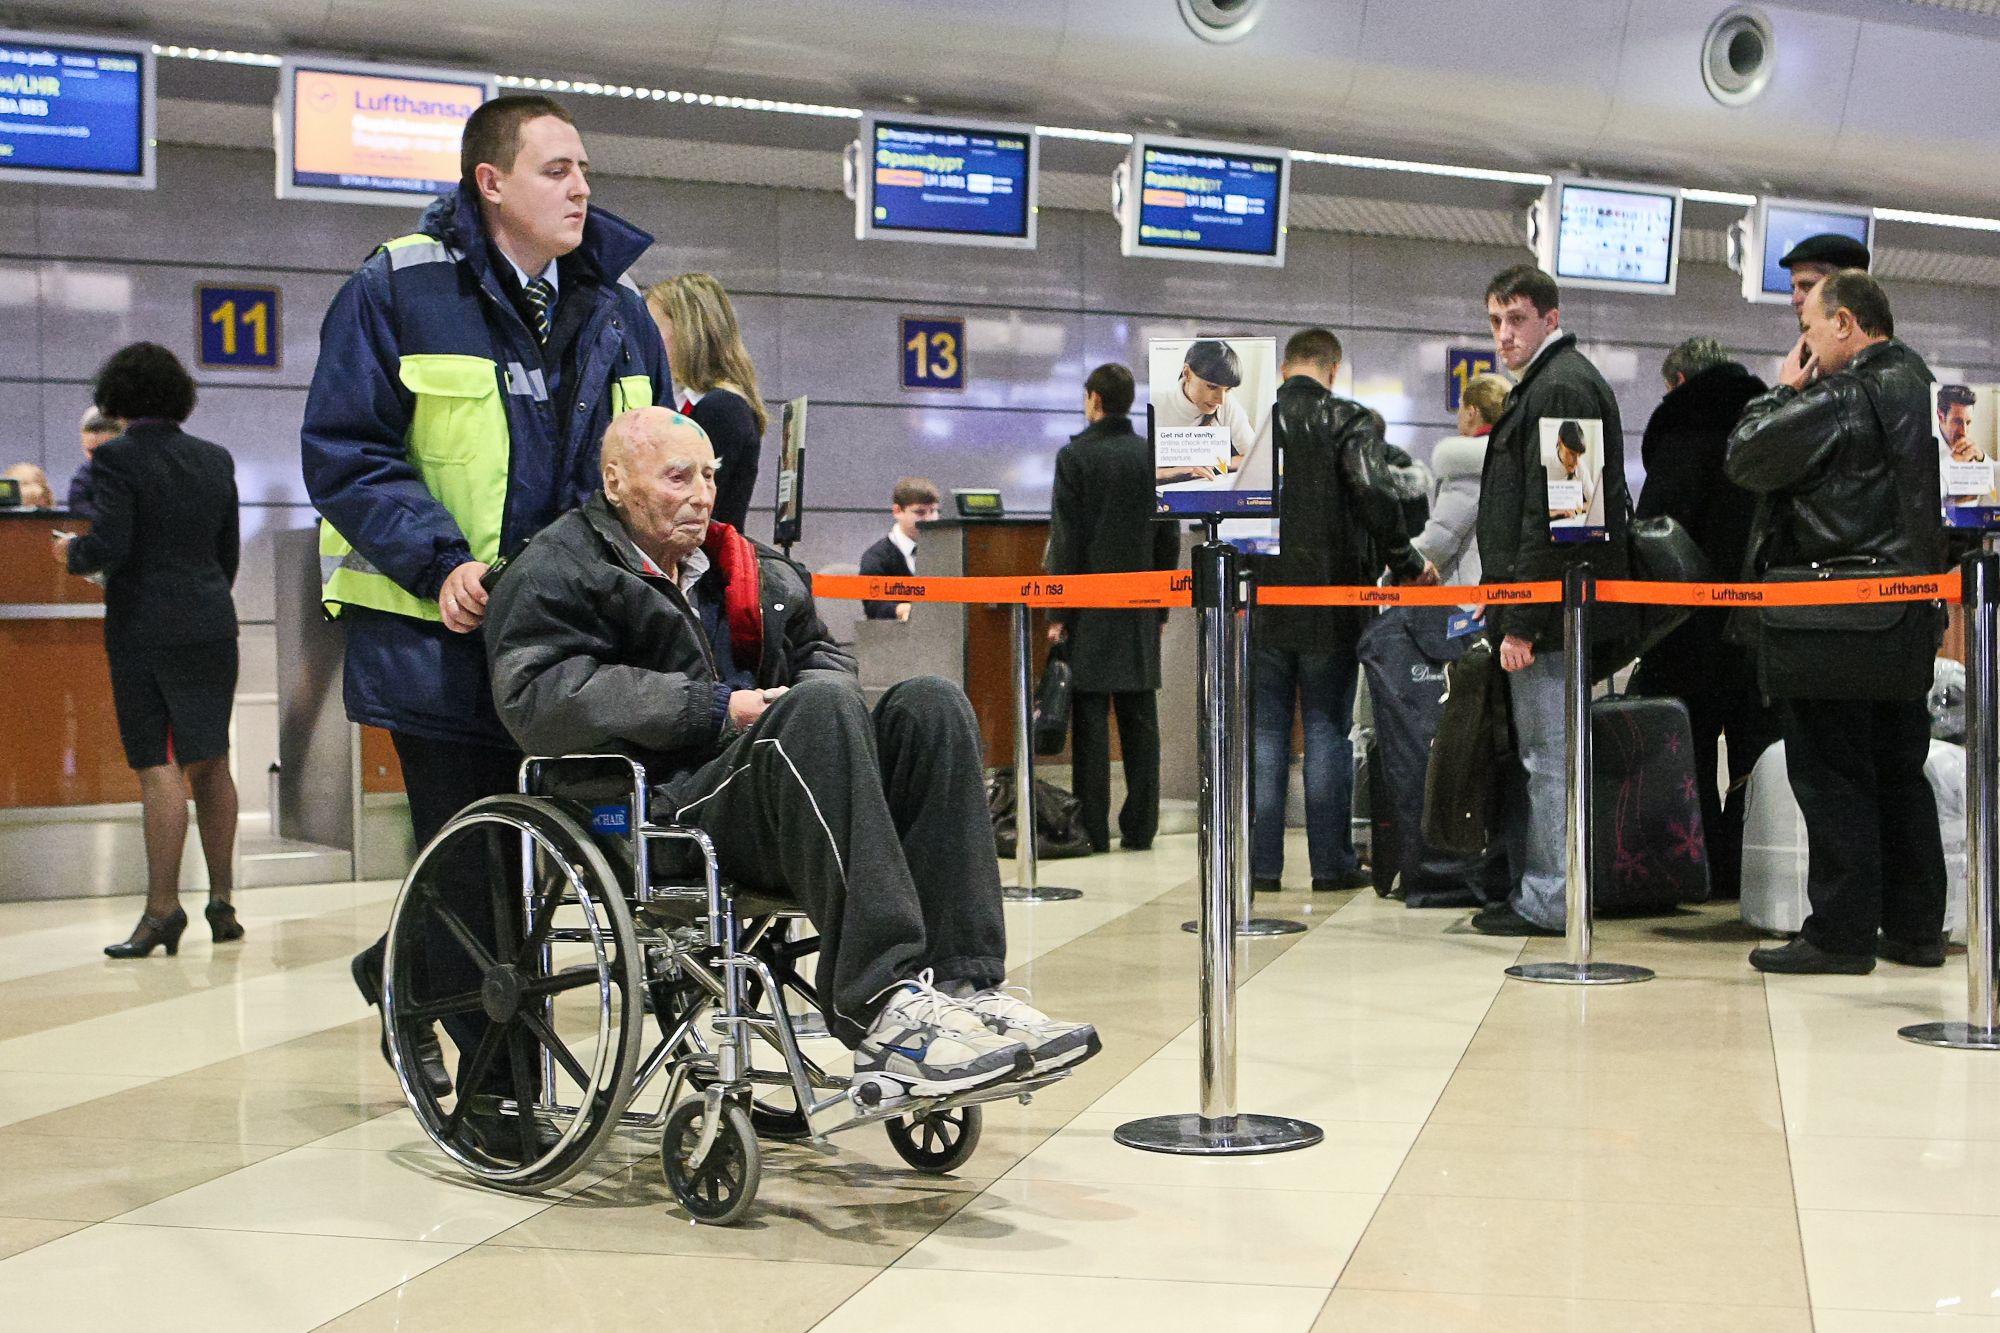 Руководство иата по наземному обслуживанию в аэропортах